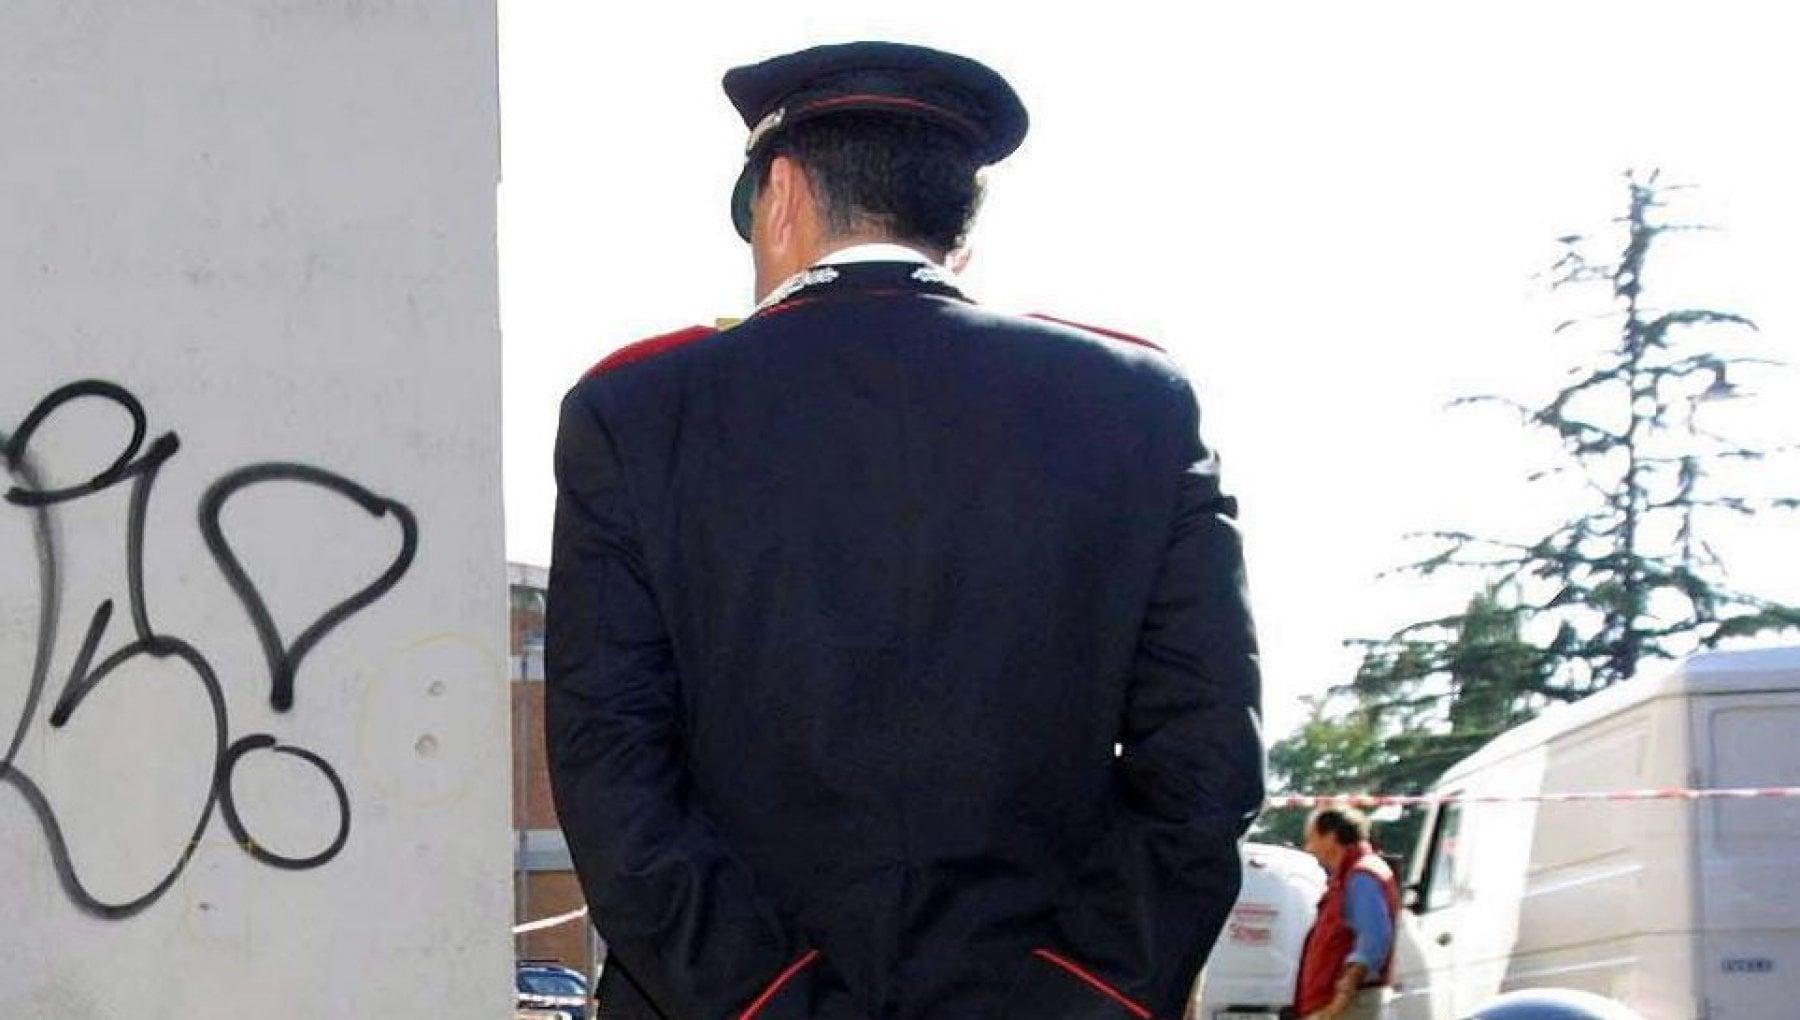 Carabiniere muore di Covid pochi mesi dopo il fratello gemello Un destino inimmaginabile